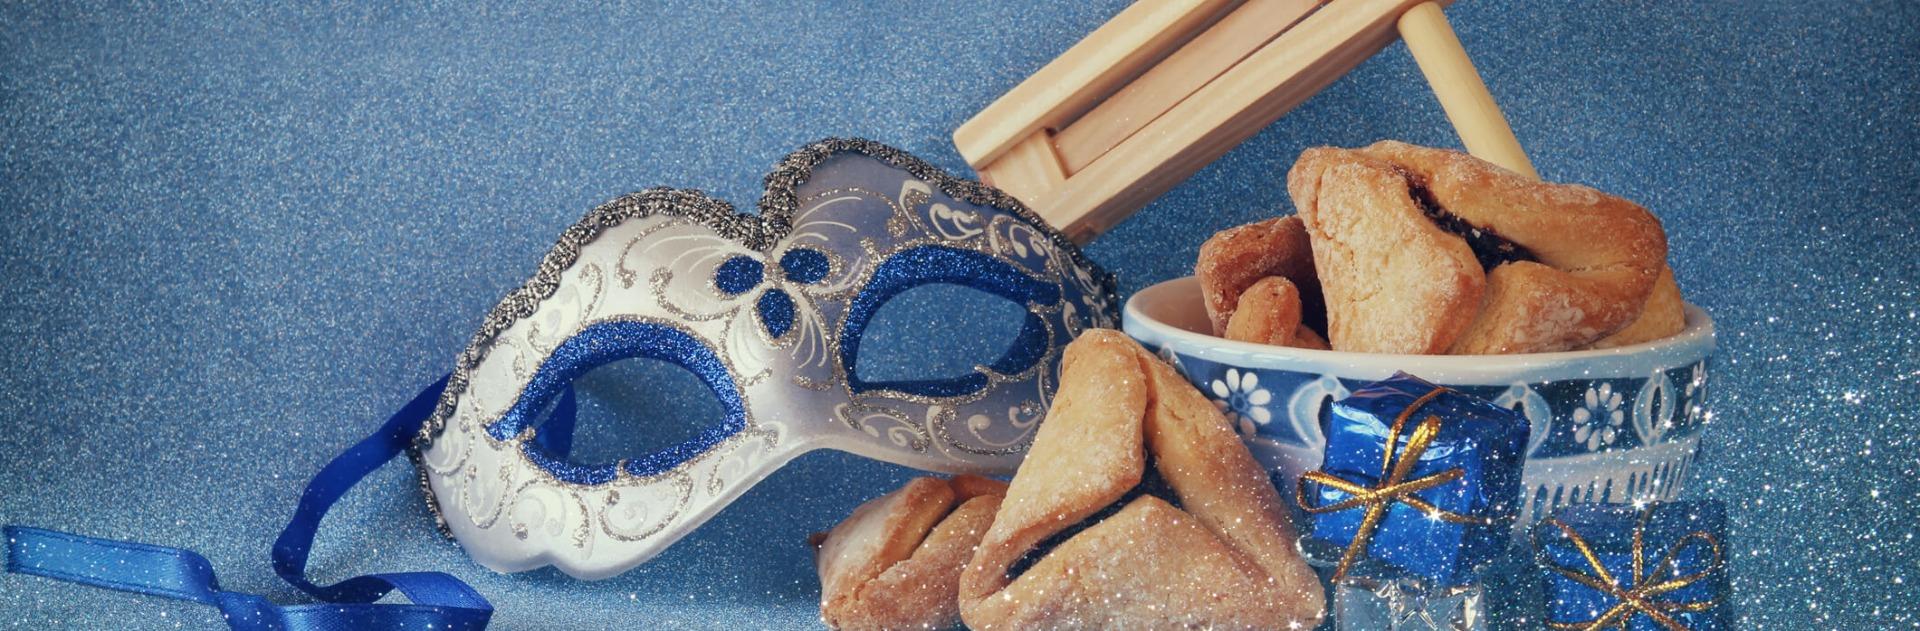 Purim Gift Baskets New Britain